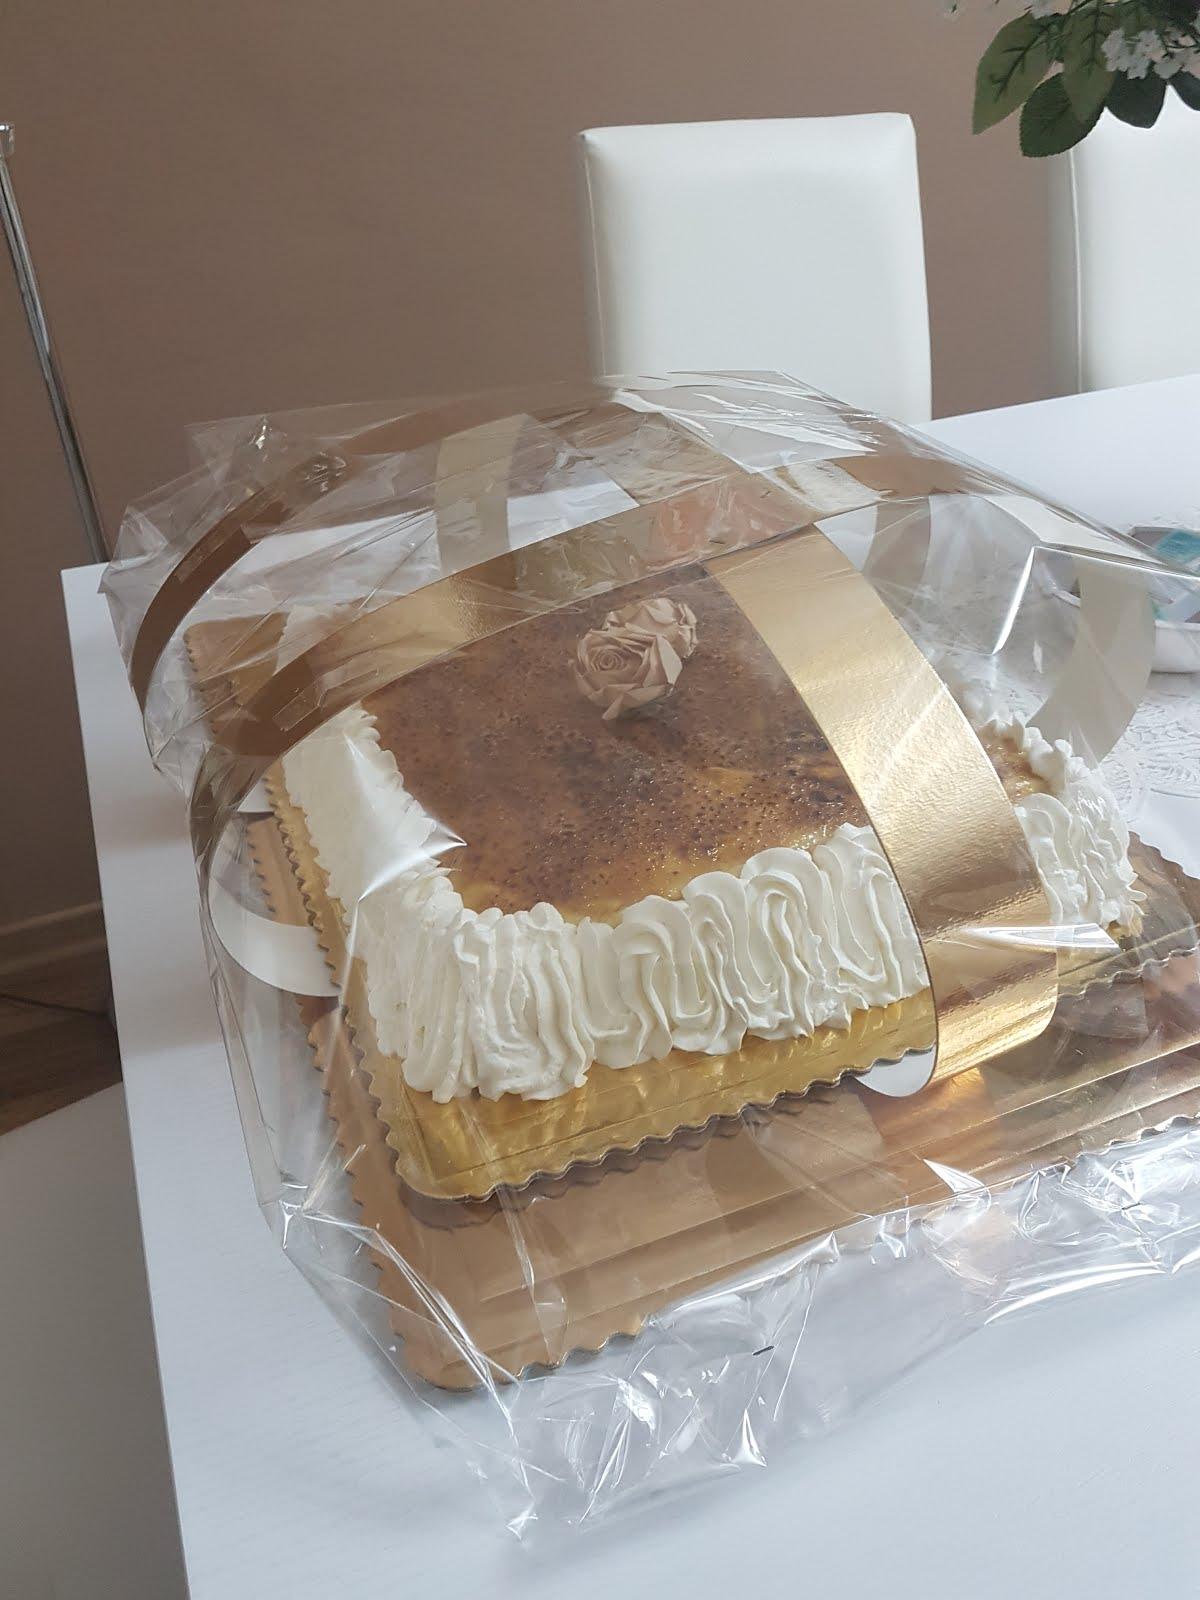 Crema bruciata su pan di spagna.